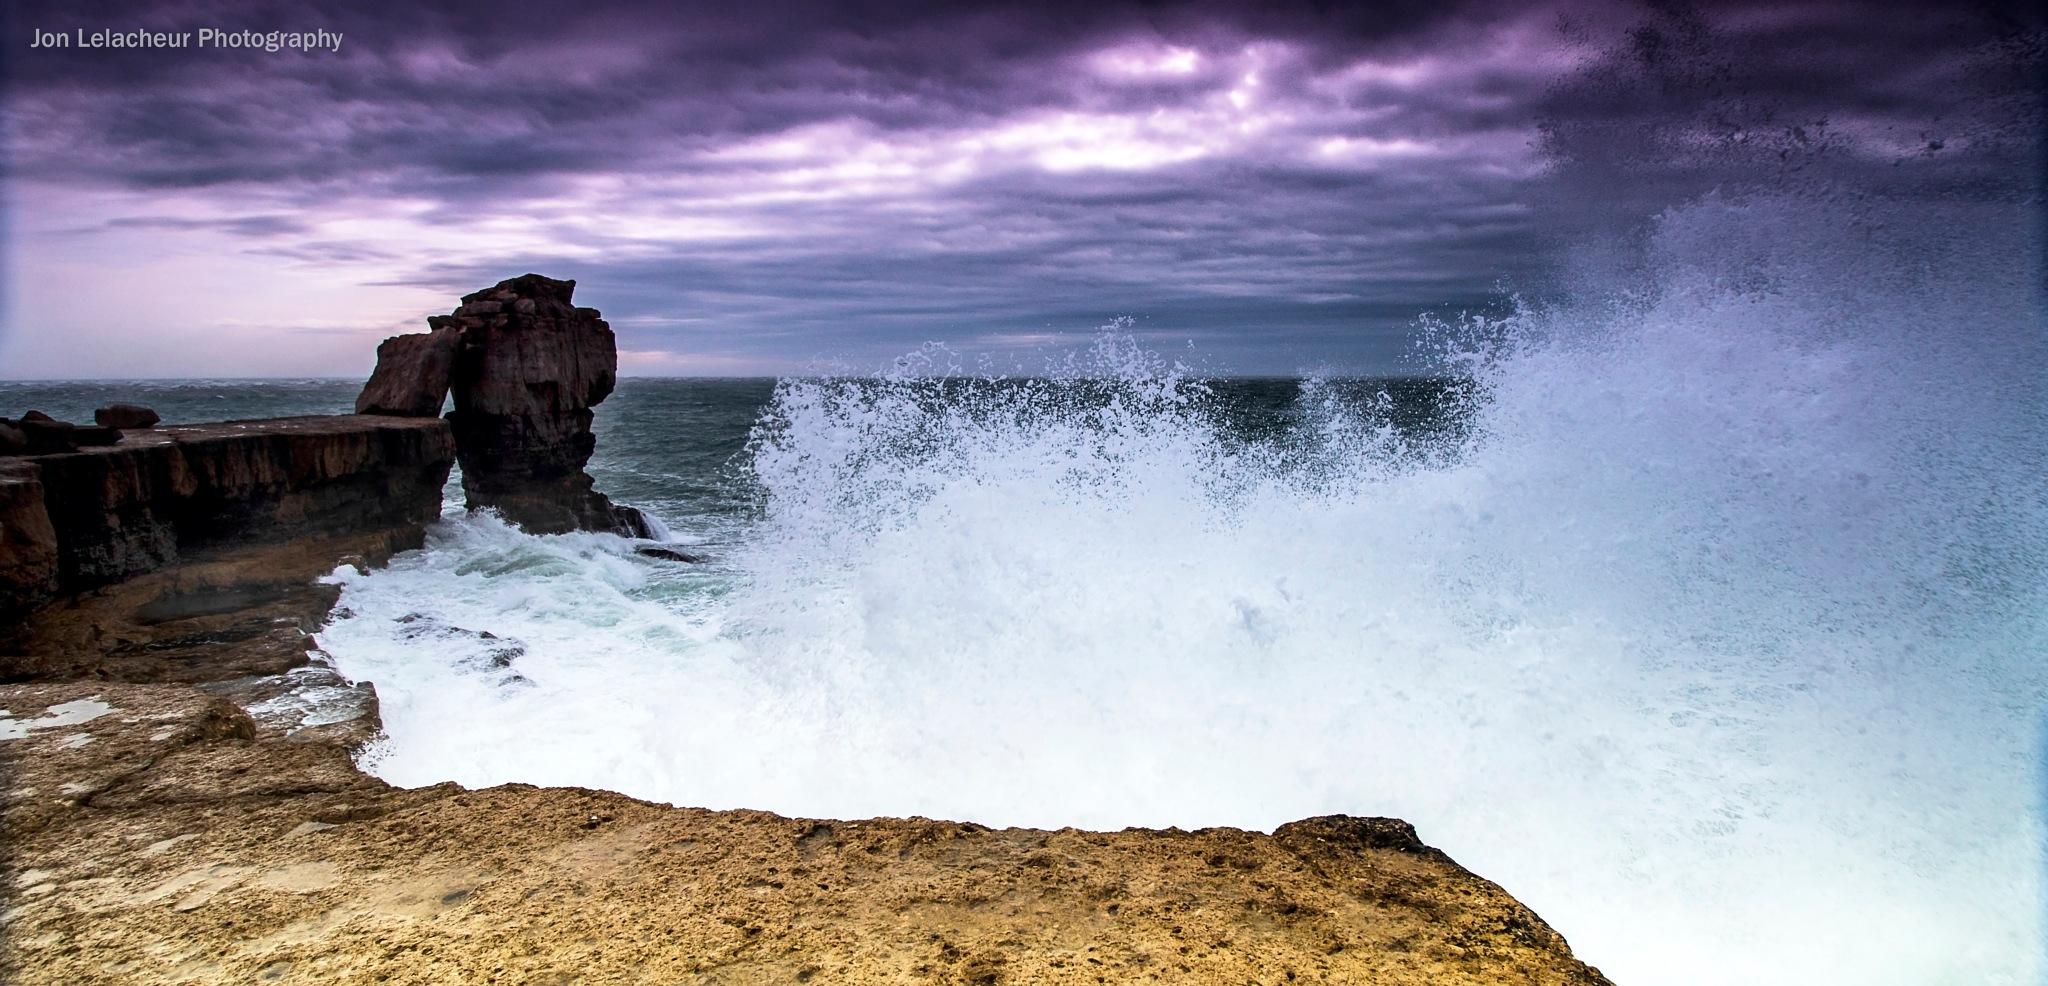 Breaking Wave by Jon Lelacheur Photography